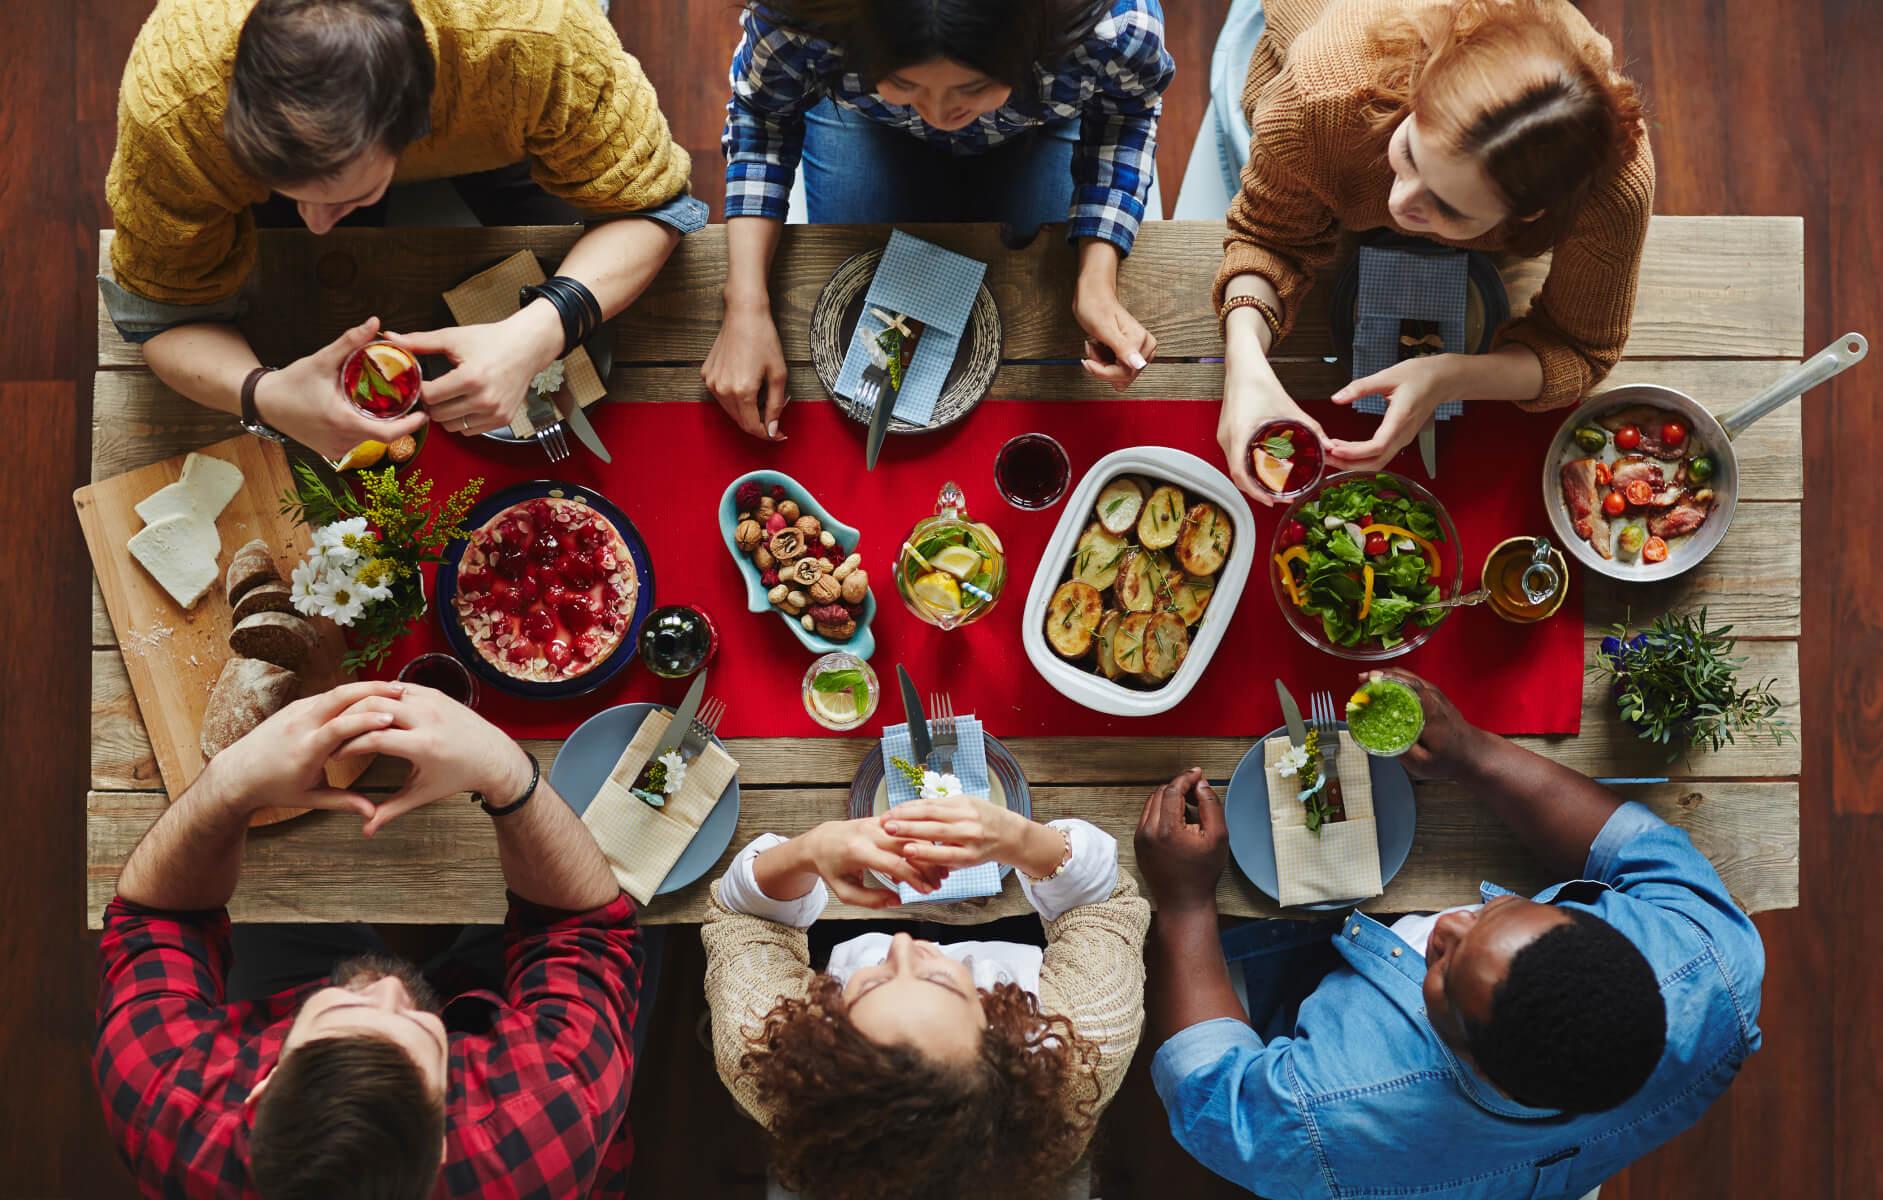 картинки ужин с друзьями учреждения предлагают